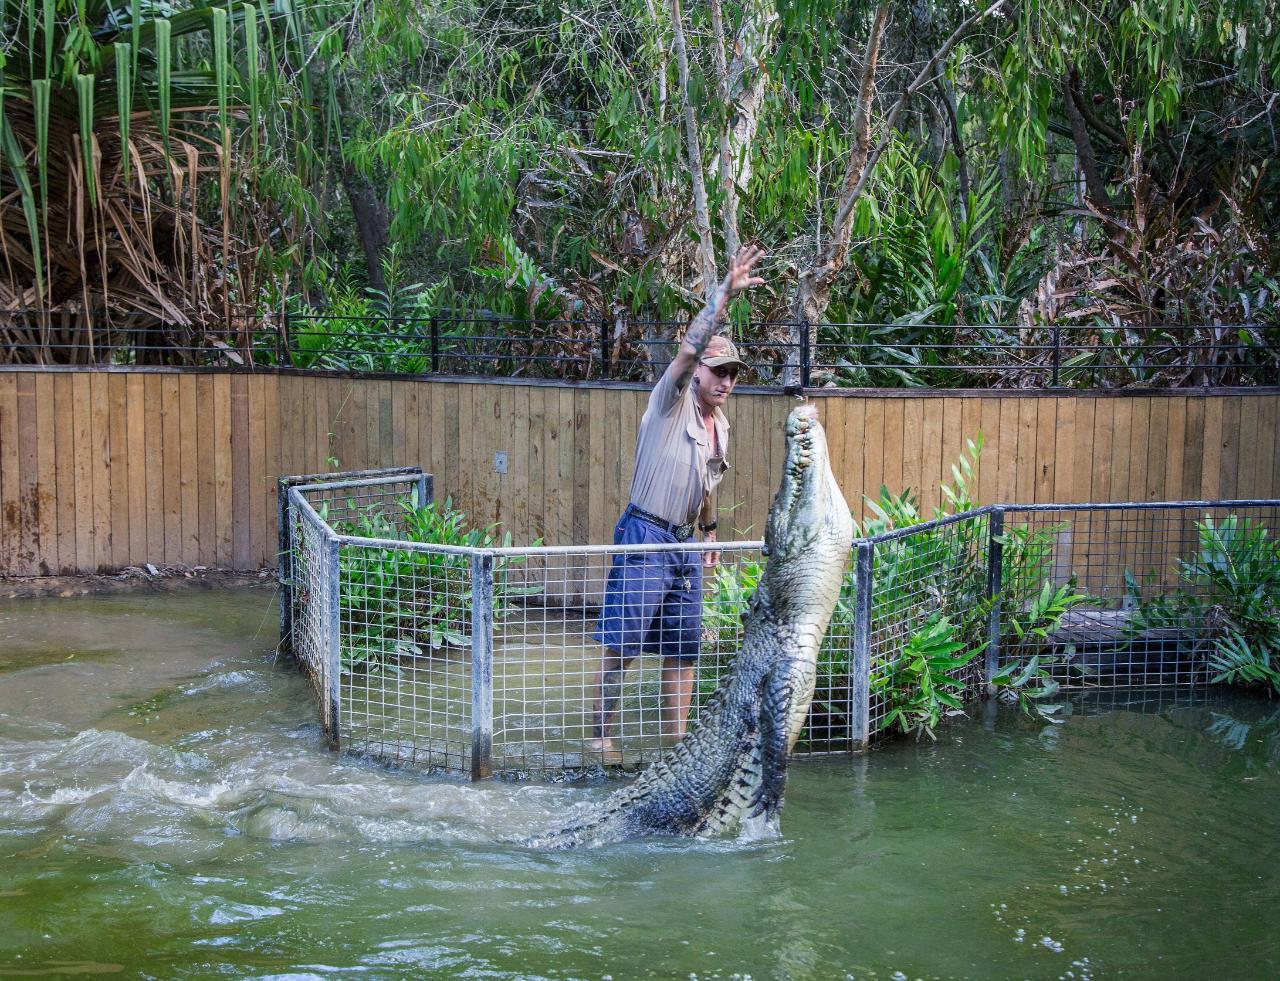 Hartley's Crocodile Adventures (Half Day) from Port Douglas